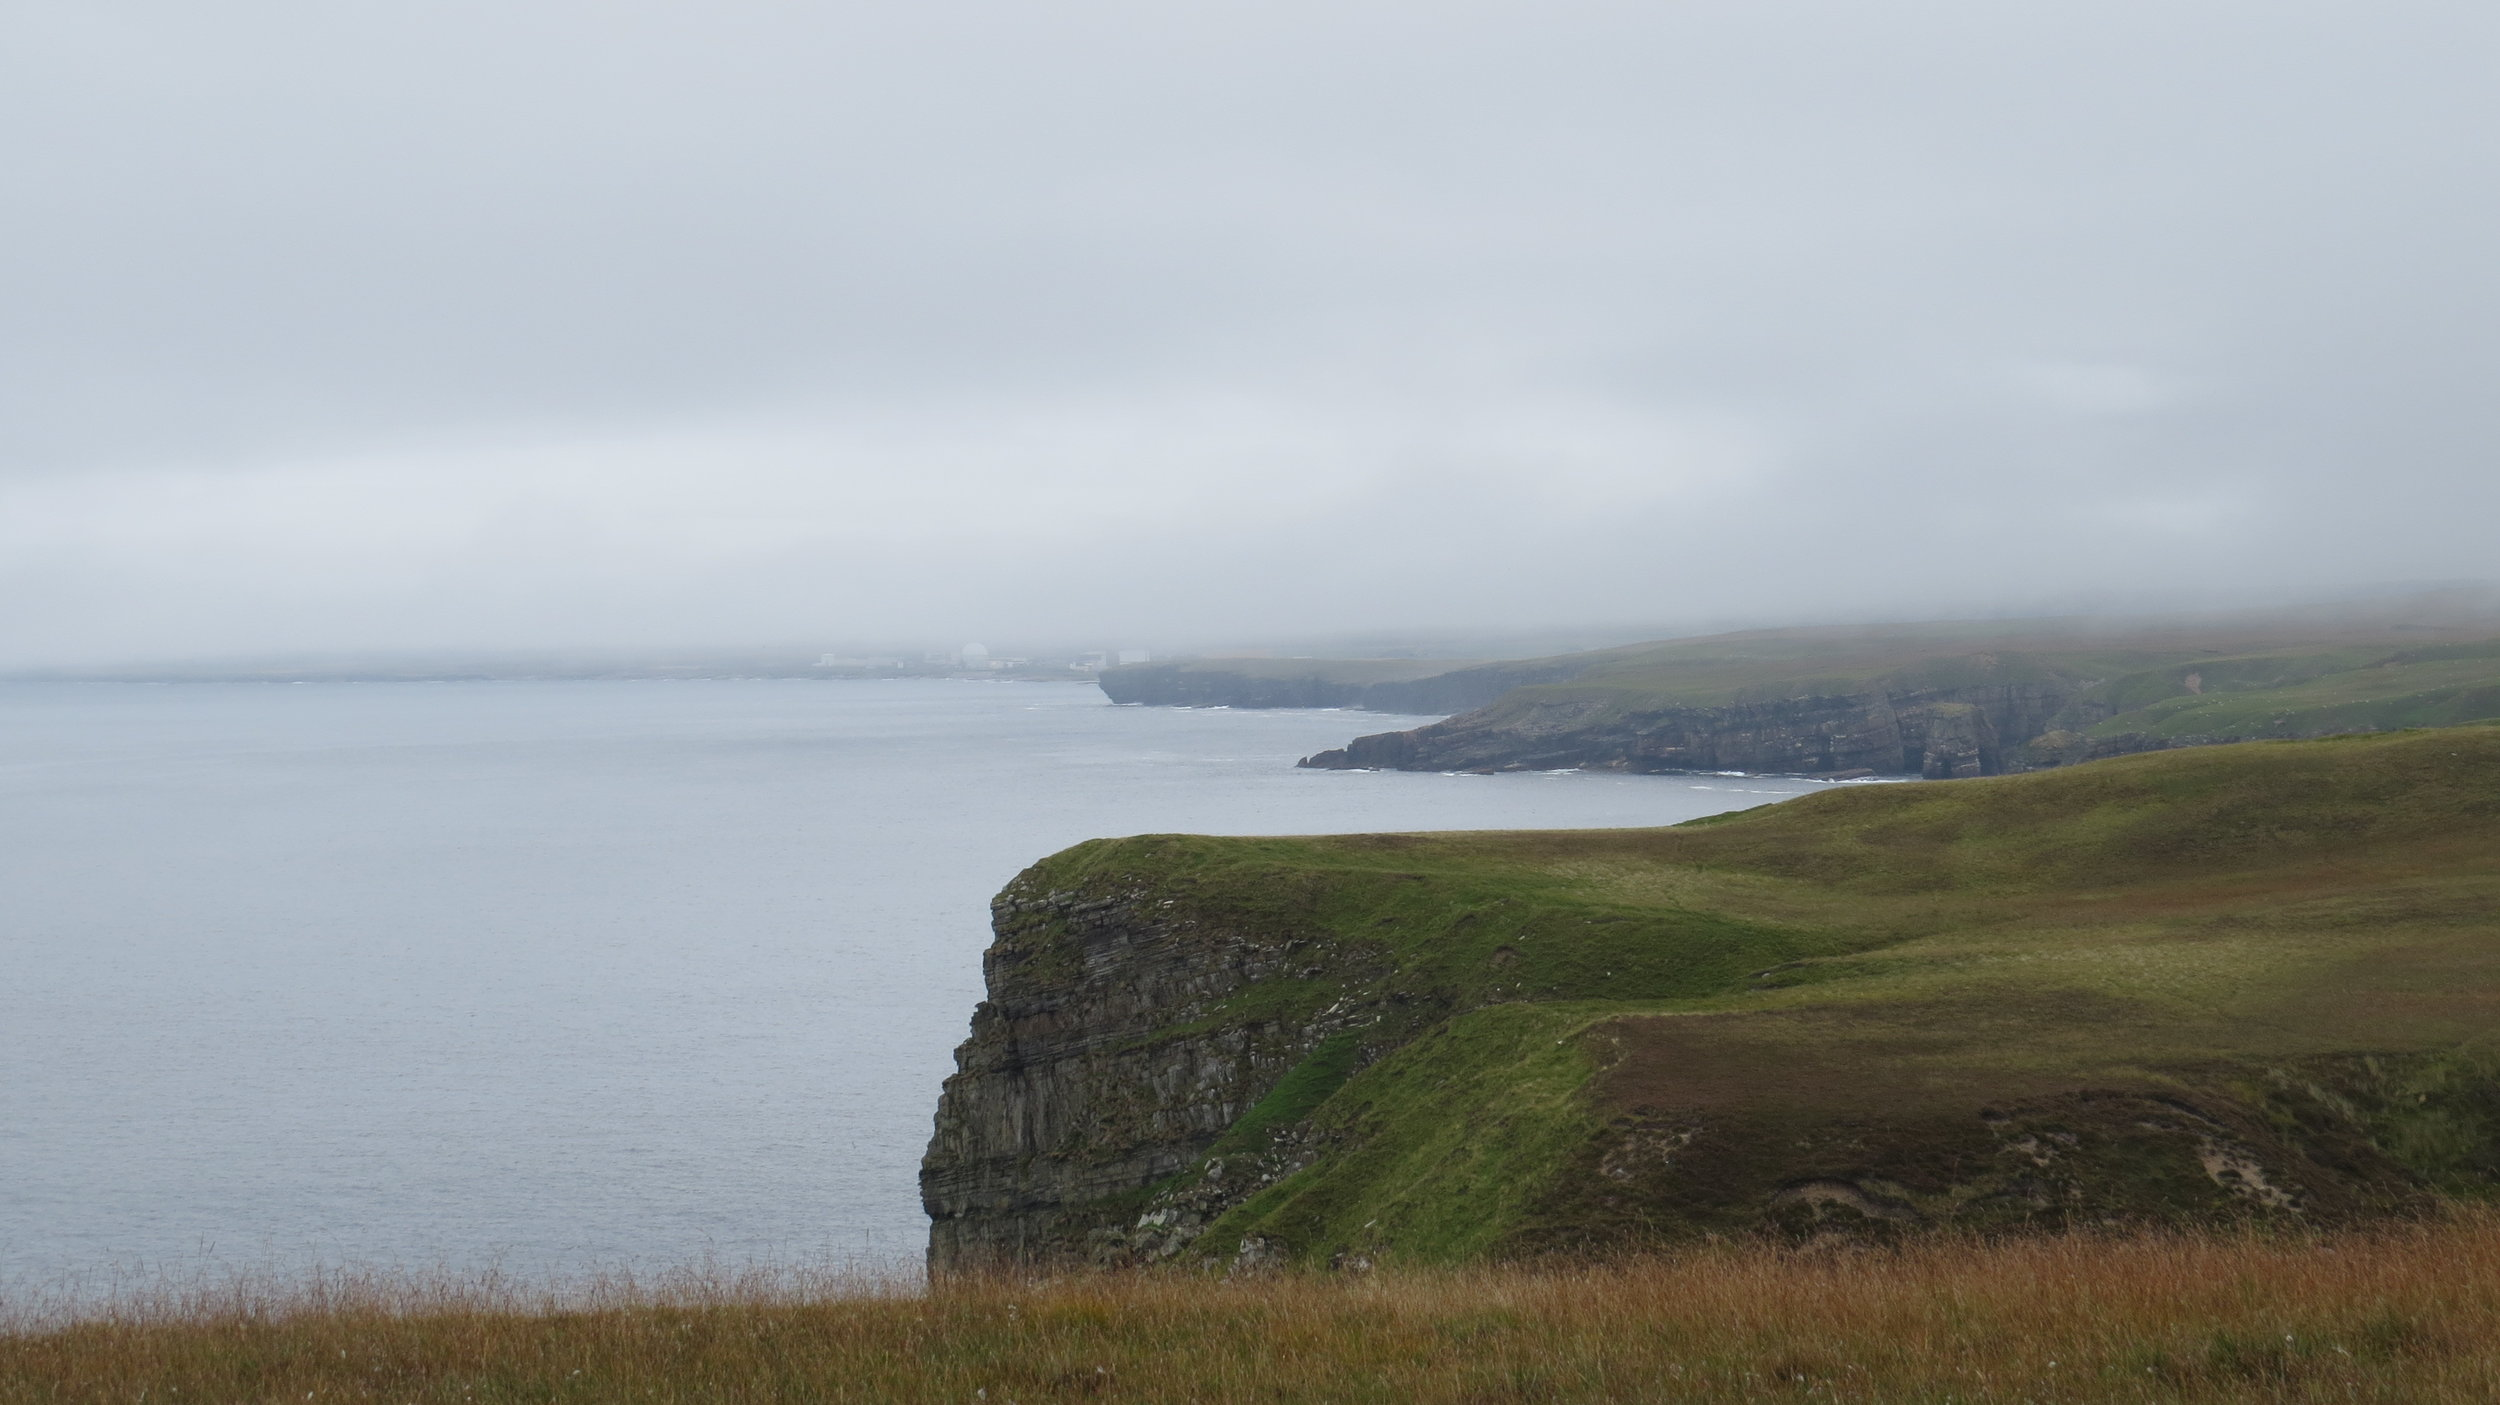 Cliffs with Mist Descending